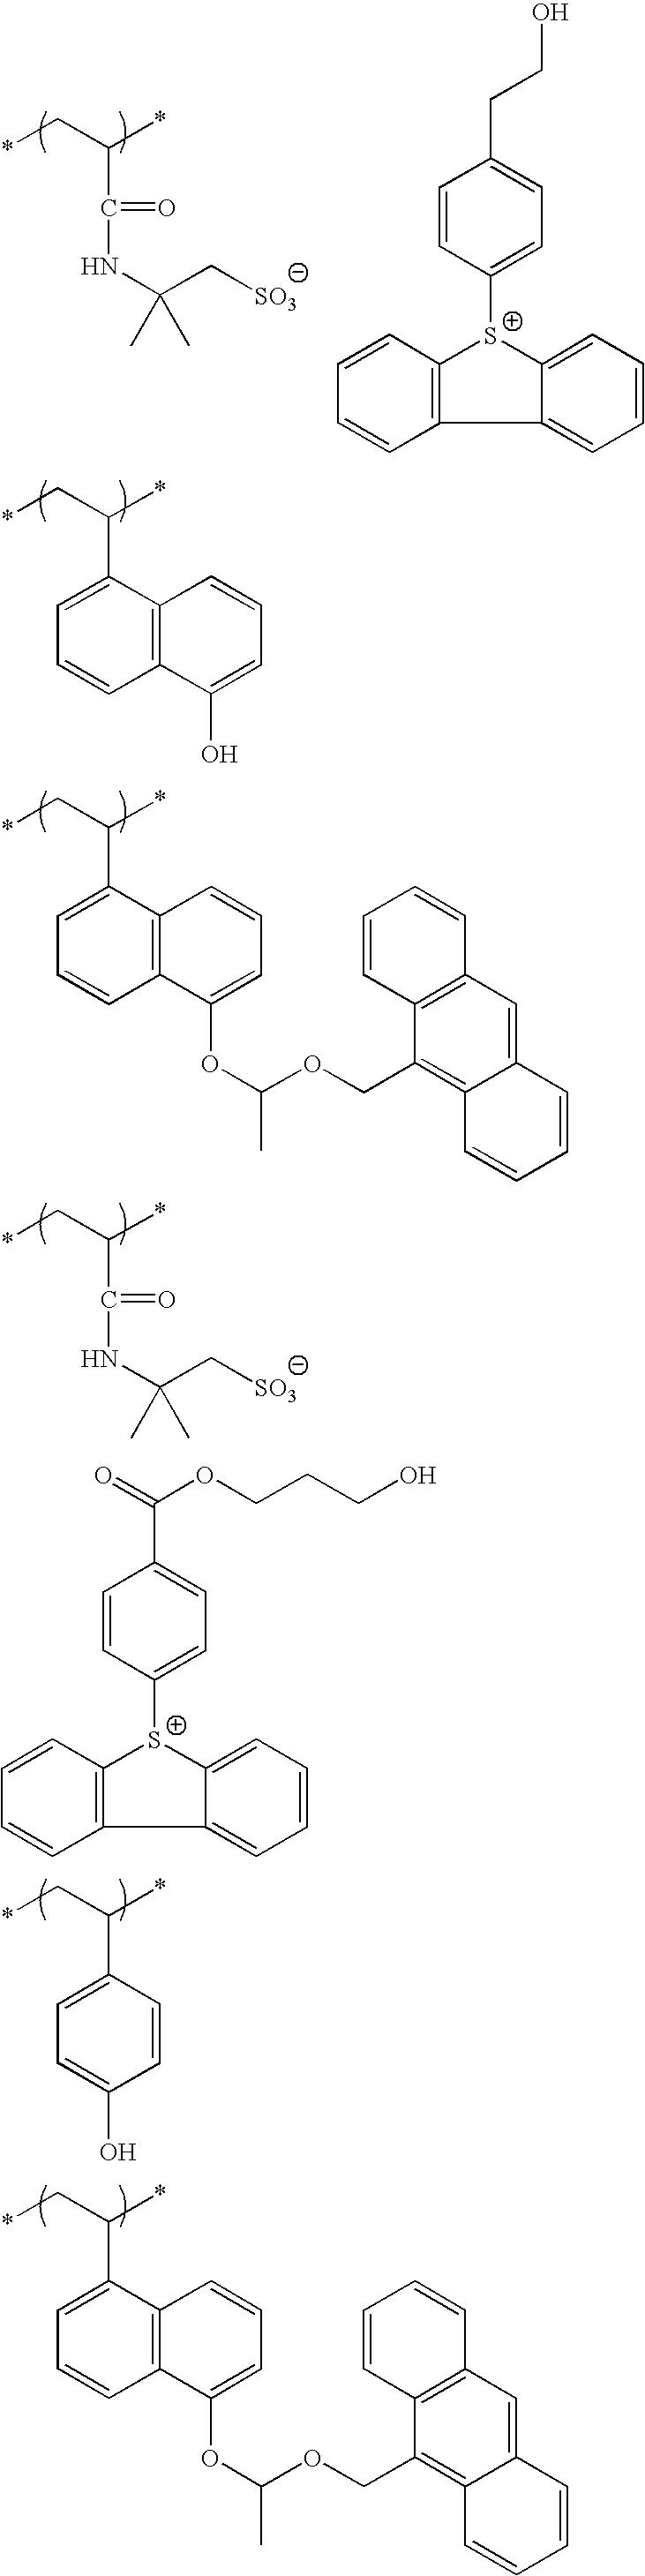 Figure US20100183975A1-20100722-C00190